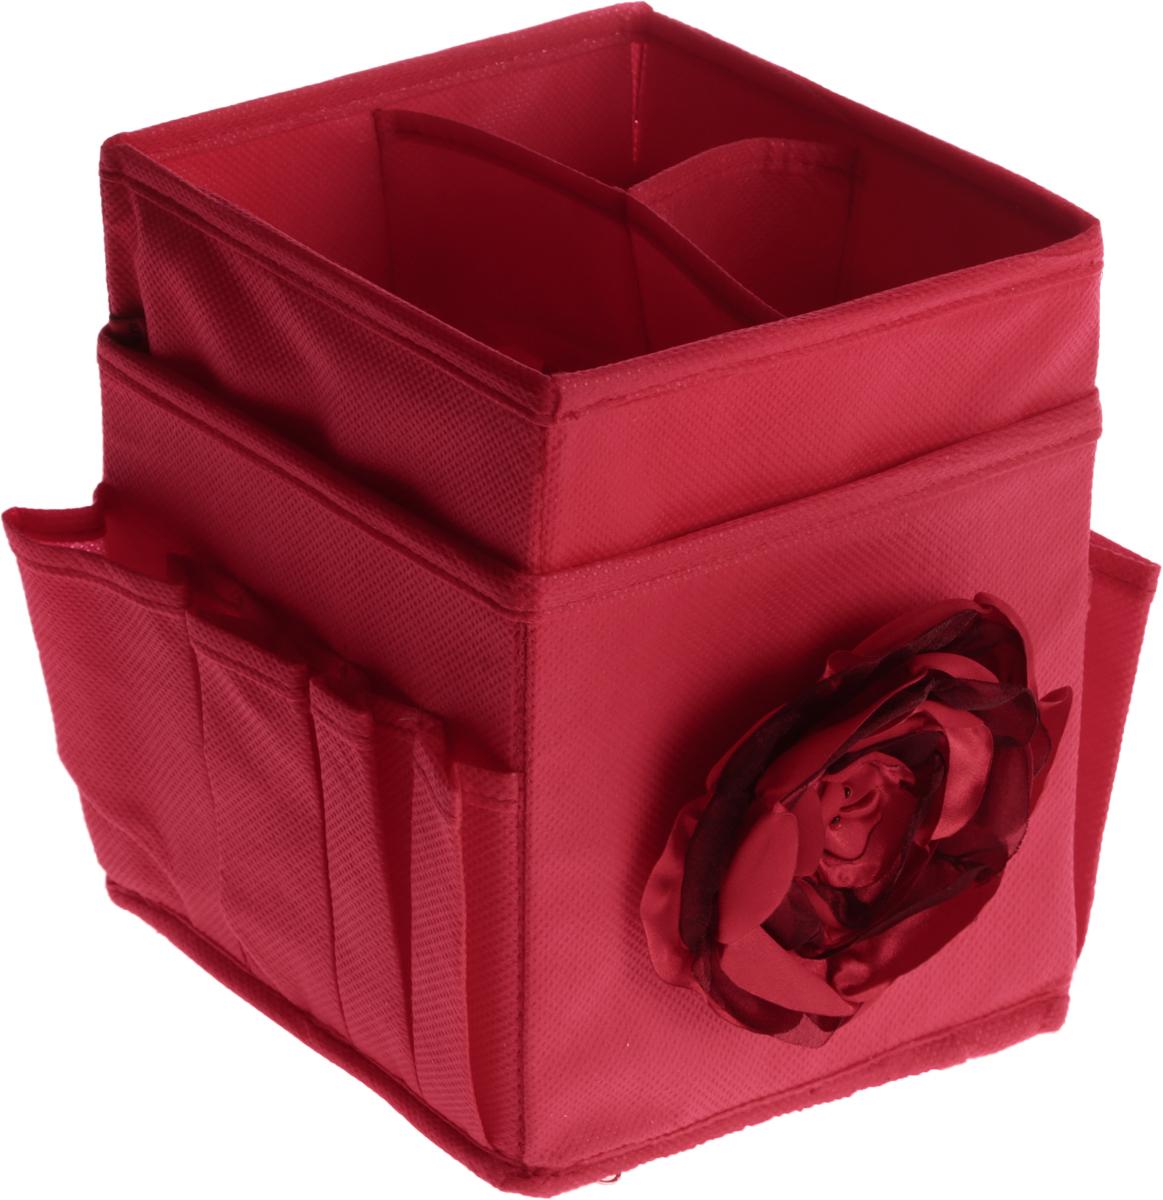 Набор органайзеров для косметики Все на местах Классика, цвет: фуксия, 2 штU210DFНабор состоит из двух органайзеров для хранения косметики и аксессуаров.Изделия выполнены из высококачественного нетканого материала (спанбонда),который обеспечивает естественную вентиляцию. Плотные вставки хорошо держат форму. Мягкие перегородки образуют секции для хранения разнообразной косметики. Наружные кармашки позволяютудобно хранить мелкие аксессуары. Изделия отличаются мобильностью: легко раскладываются искладываются благодаря молнии в основании.Набор органайзеров для косметики и аксессуаров поможет привести элементыженского туалета в порядок. Оригинальный дизайн придется по вкусу ценительницам эстетичного хранения.Размер органайзеров: 1-й органайзер - 15 х 15 х 12 см - 4 ячейки и 8 кармашков.2-й органайзер - 15 х 15 х 7 см - 3 ячейки.